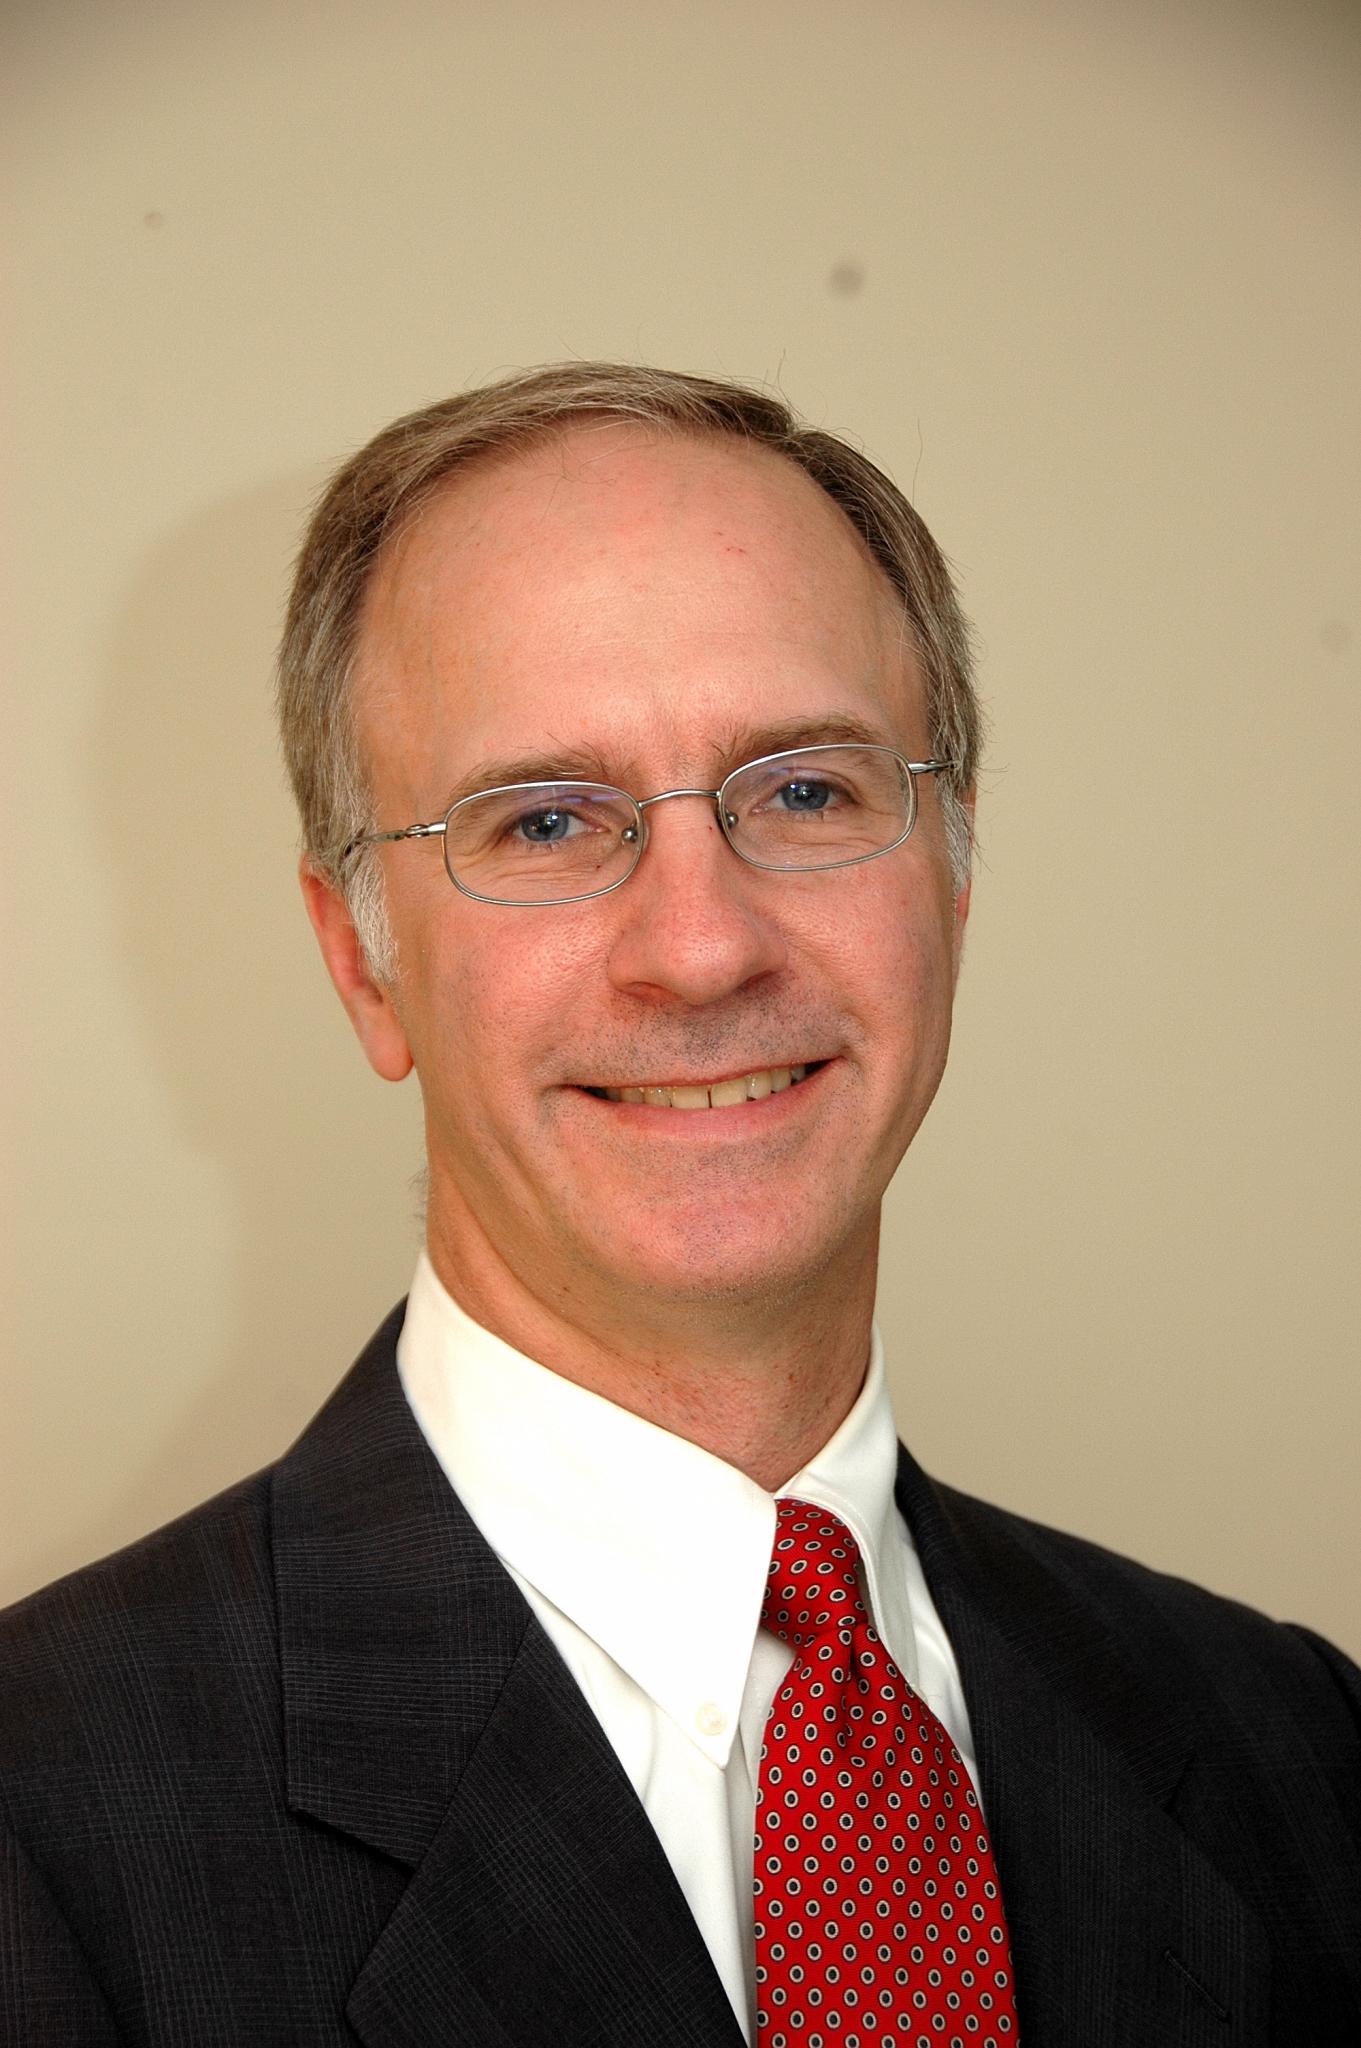 Kevin Sembrat